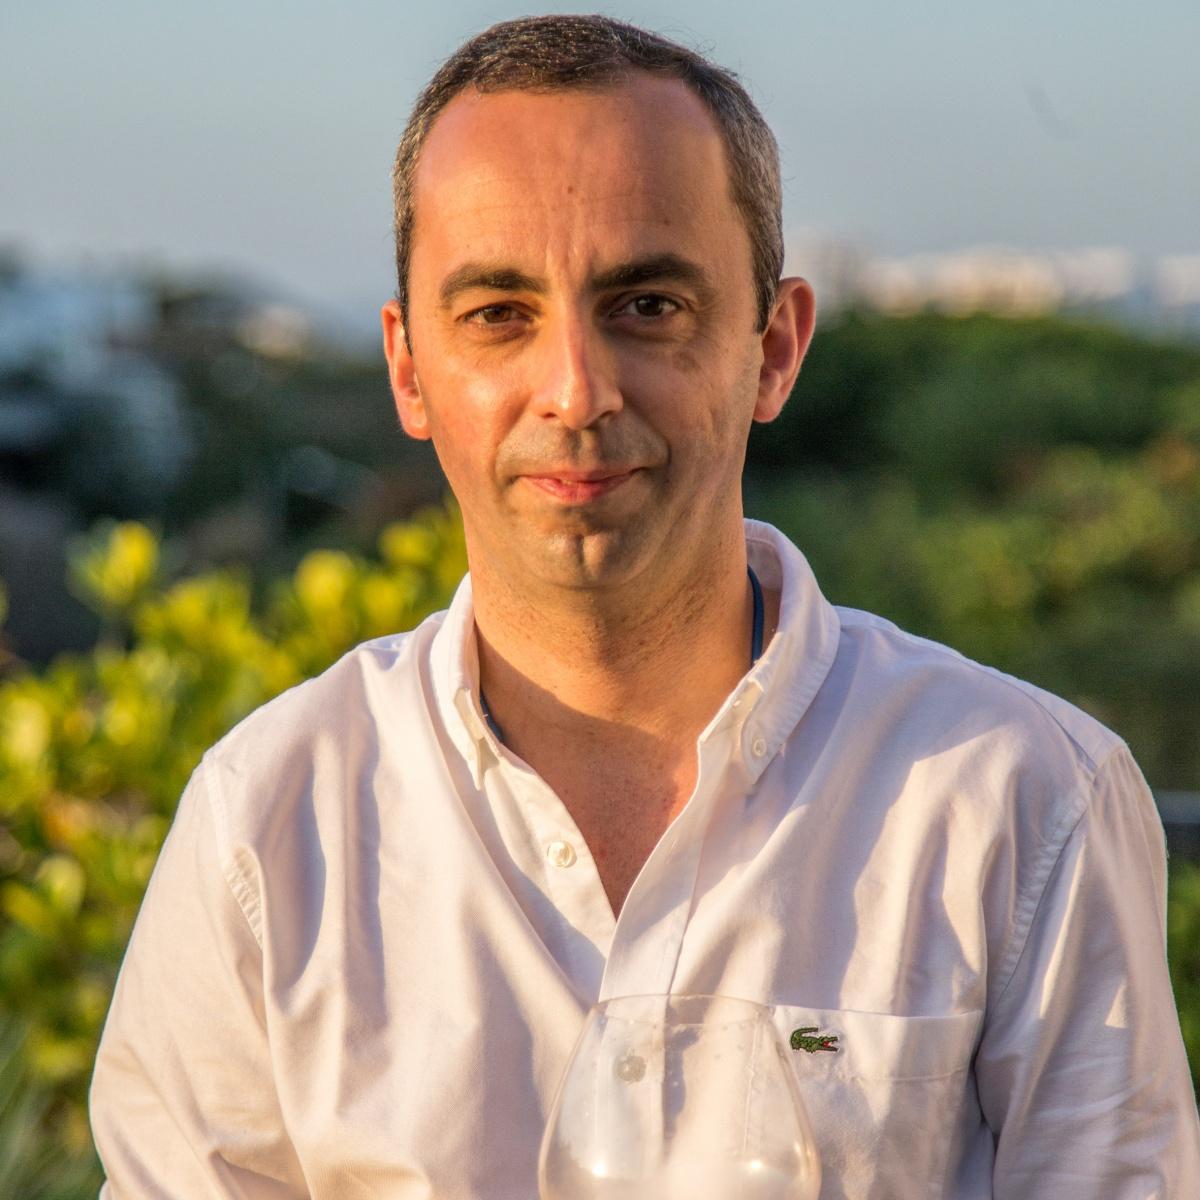 Nuno Guedes Vaz Pires